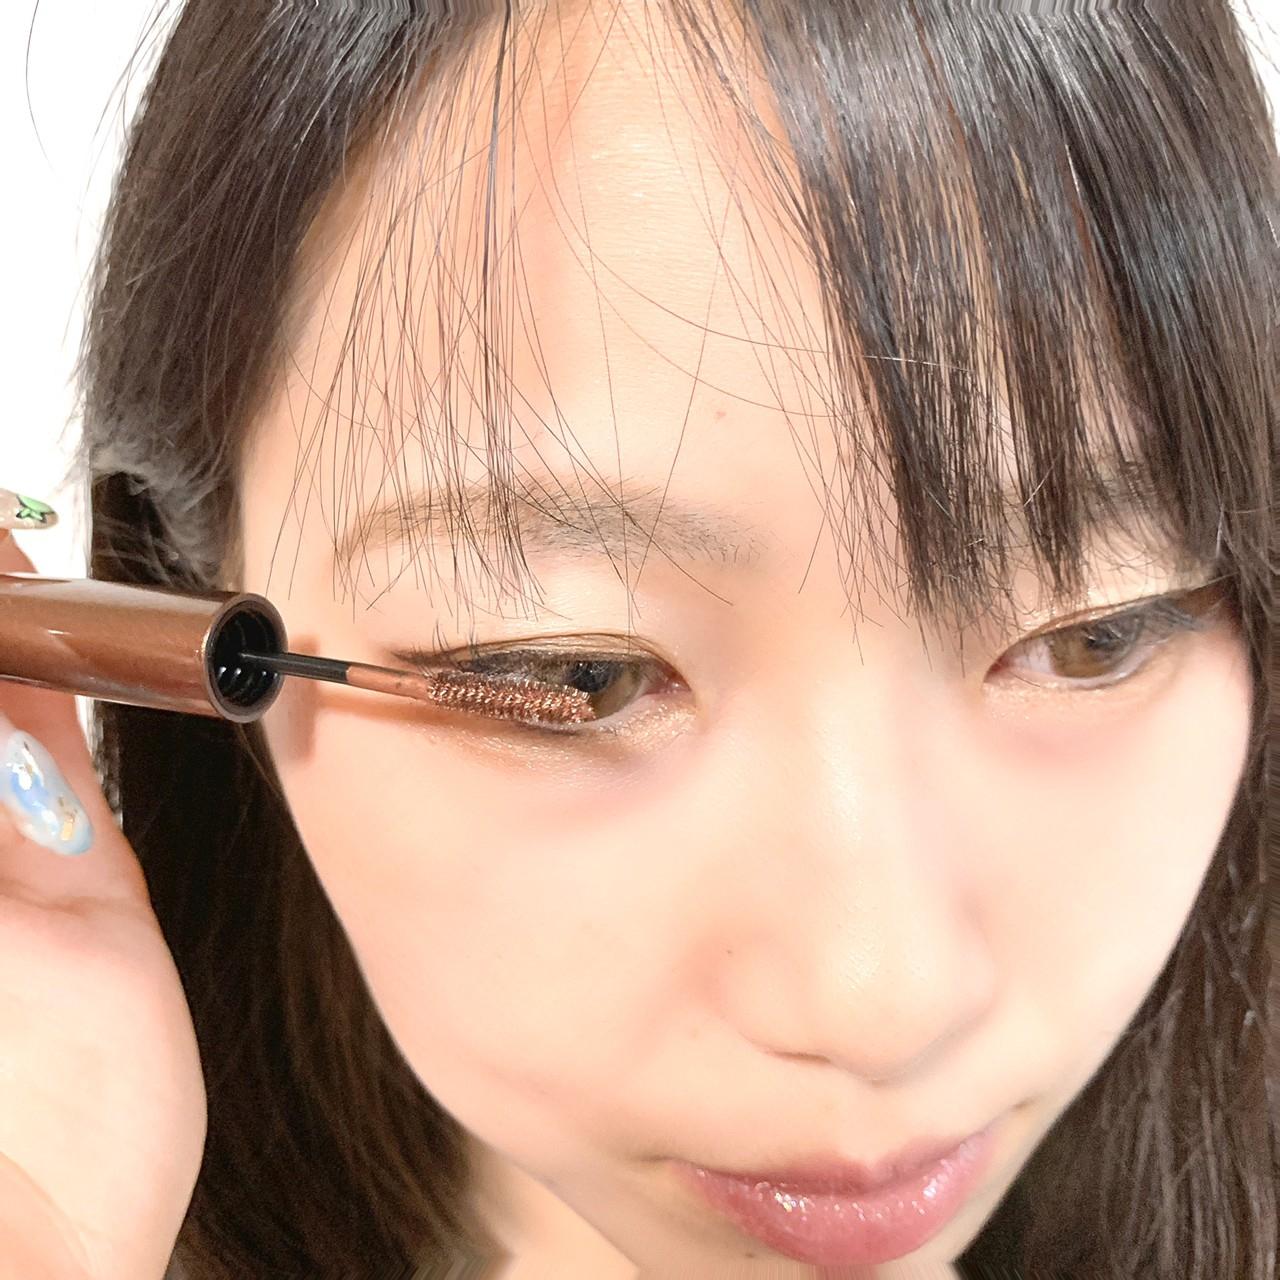 COCOROIKI(ココロイキ) アイデザインマスカラの良い点・メリットに関するkana_cafe_timeさんの口コミ画像3